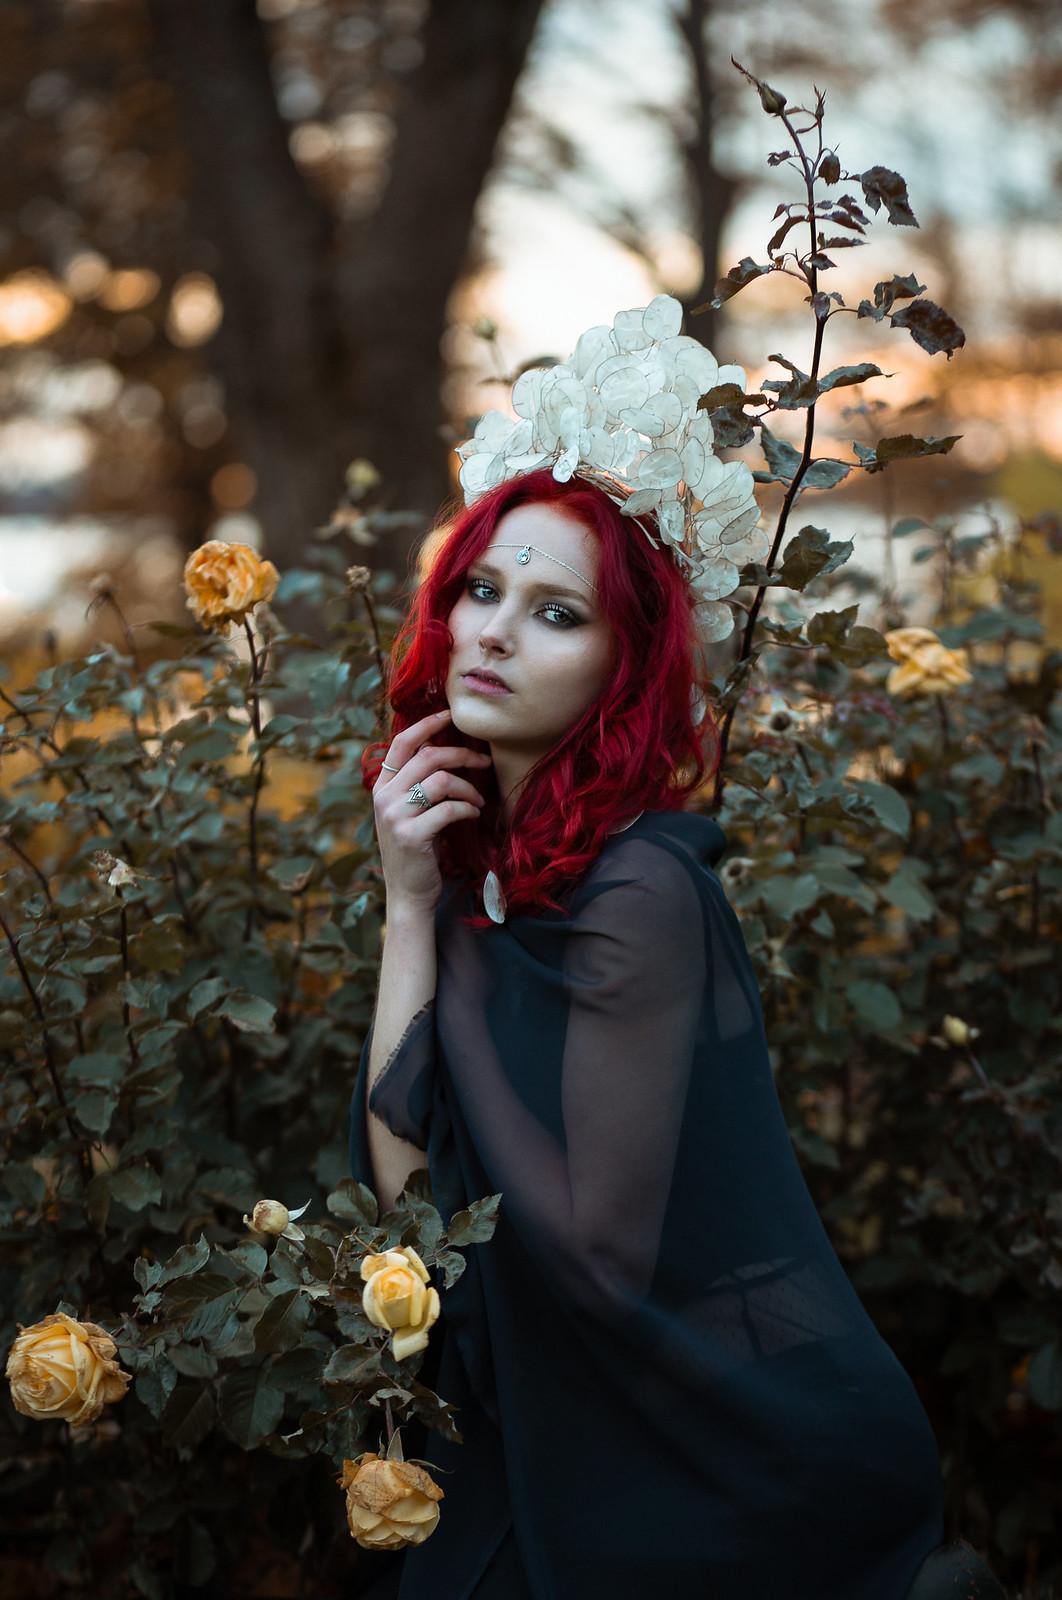 Princess of Arboretum